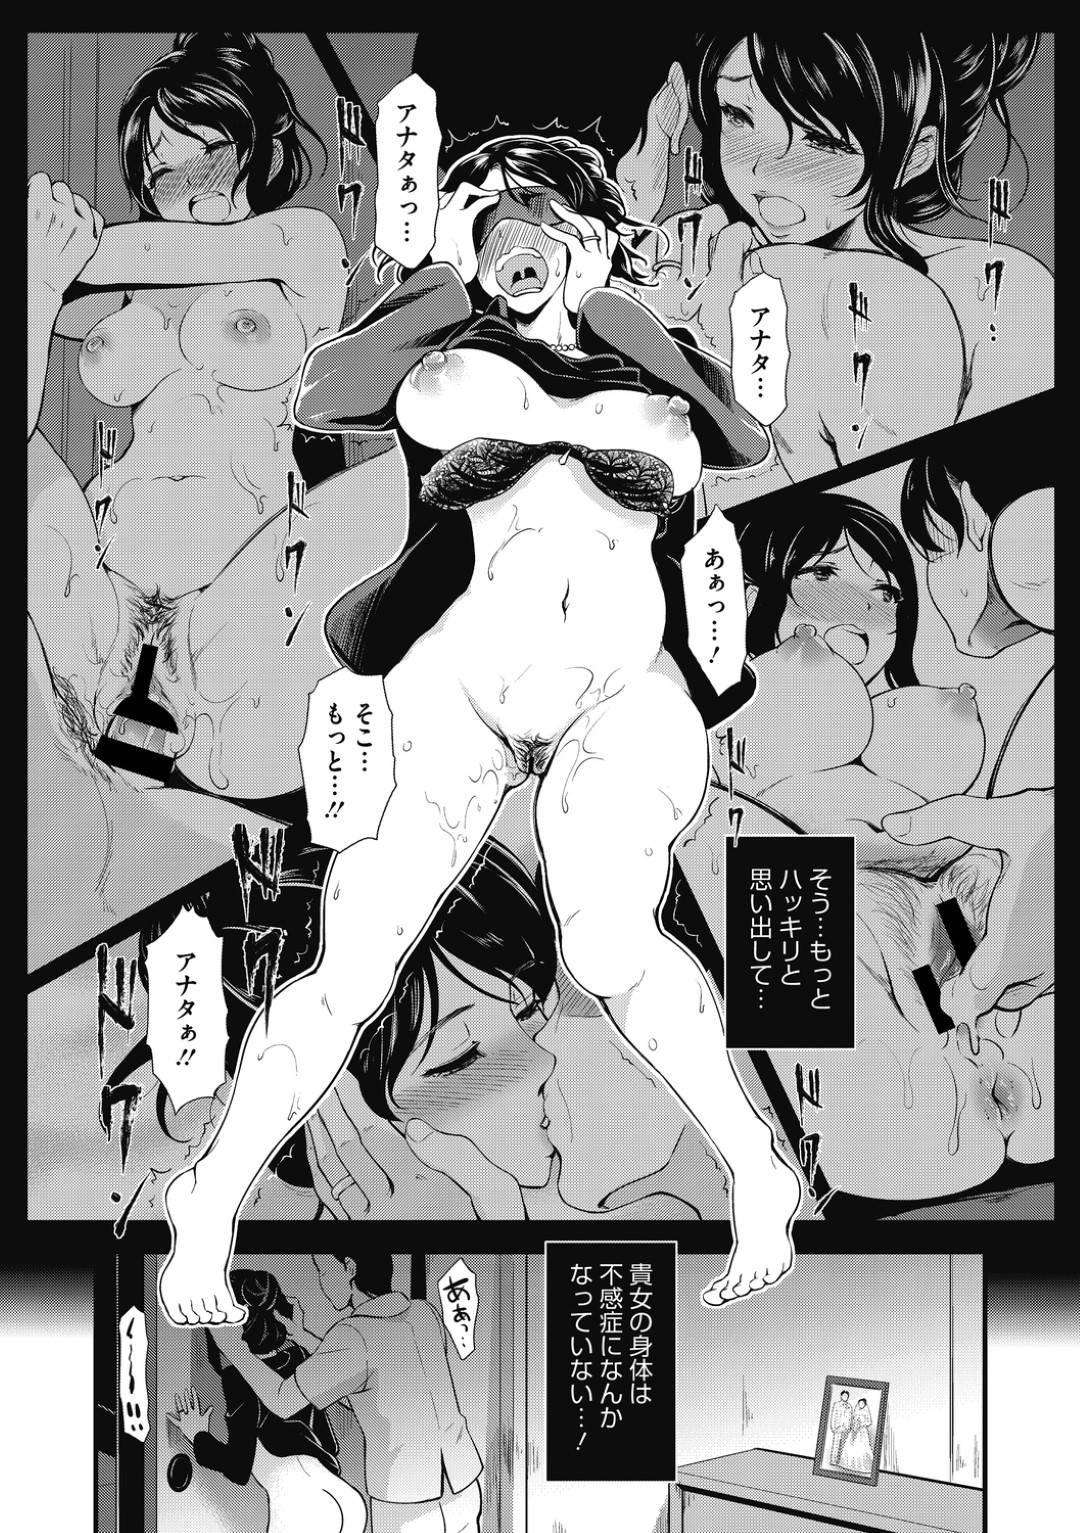 未亡人の元人妻…夫を失ってしまって不感症になったので性感マッサージ訪問施術を自宅で受けることに。夫との行為を自宅で再現するというフェチな中出しトロ顔セックスをして、記憶喪失に気づかれて頭を突かれたらたちまちビッチへと変貌し快楽堕ちだいしゅきホールドセックスしちゃう!【宏式:Sexual Massage KARTE:3】